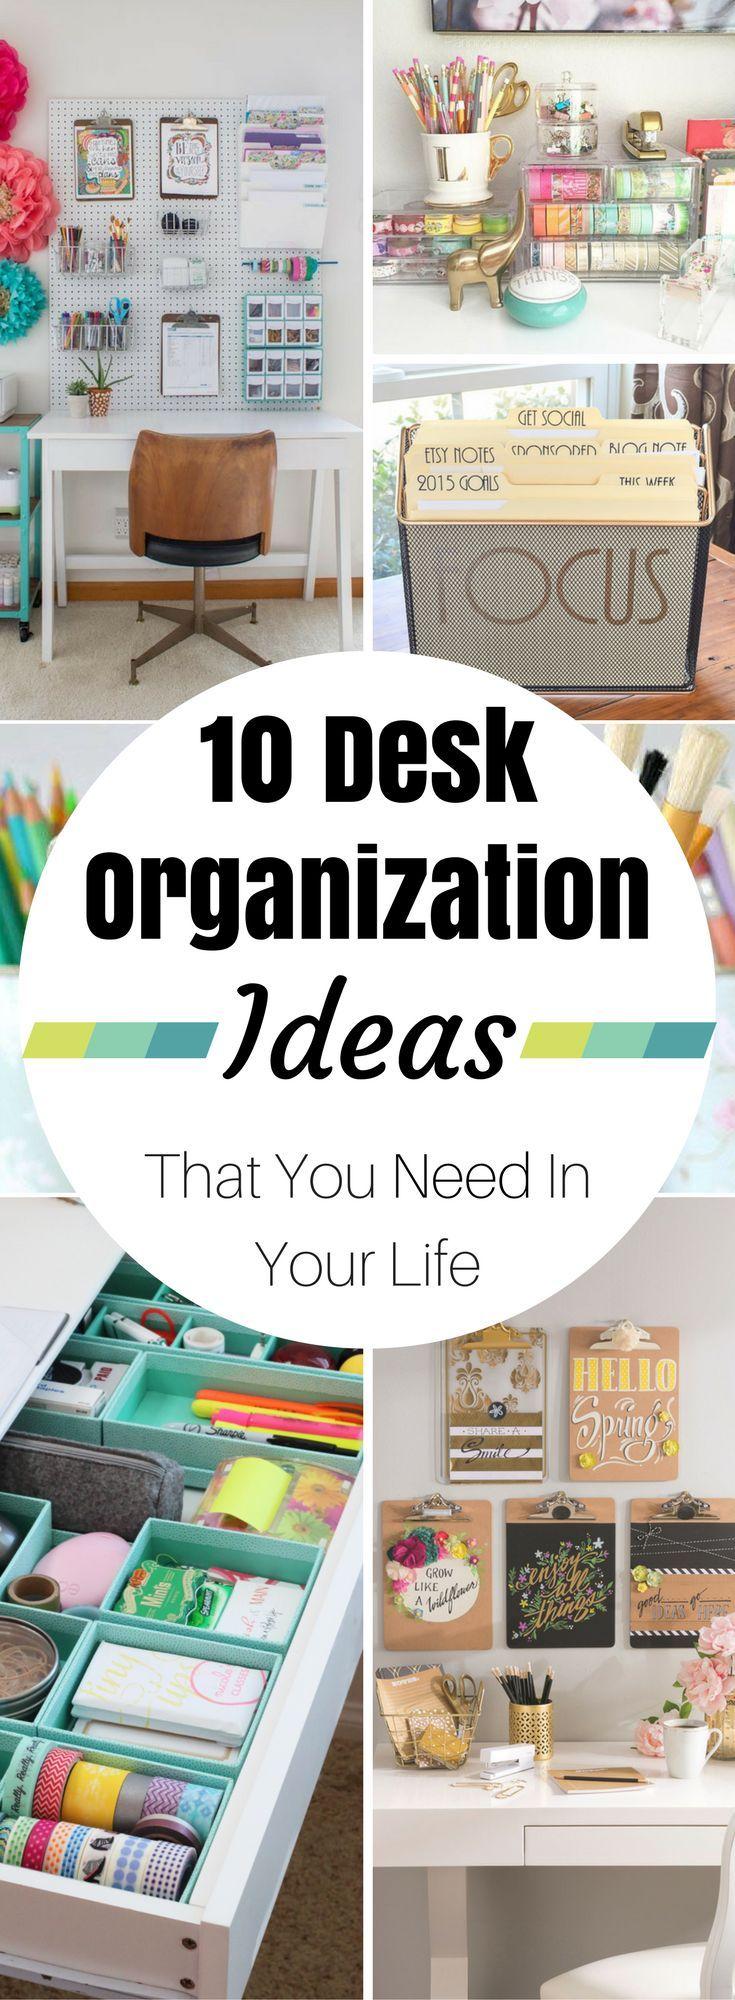 10 Life Changing Desk Organization Ideas Thatu0027ll